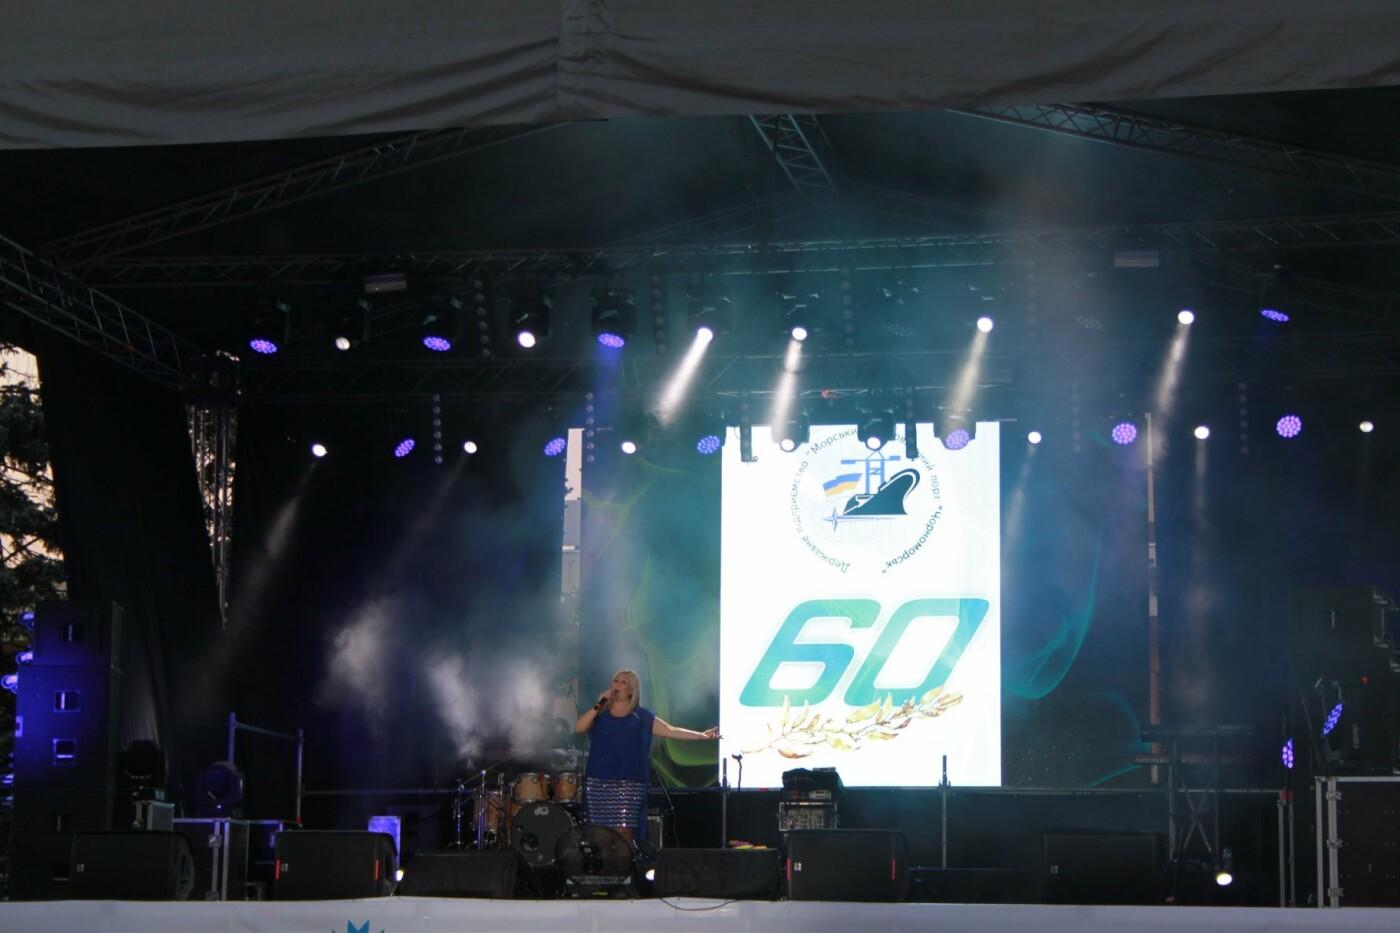 Празднование шестидесятилетия Морского порта Черноморска. Впечатления и особенности., фото-13